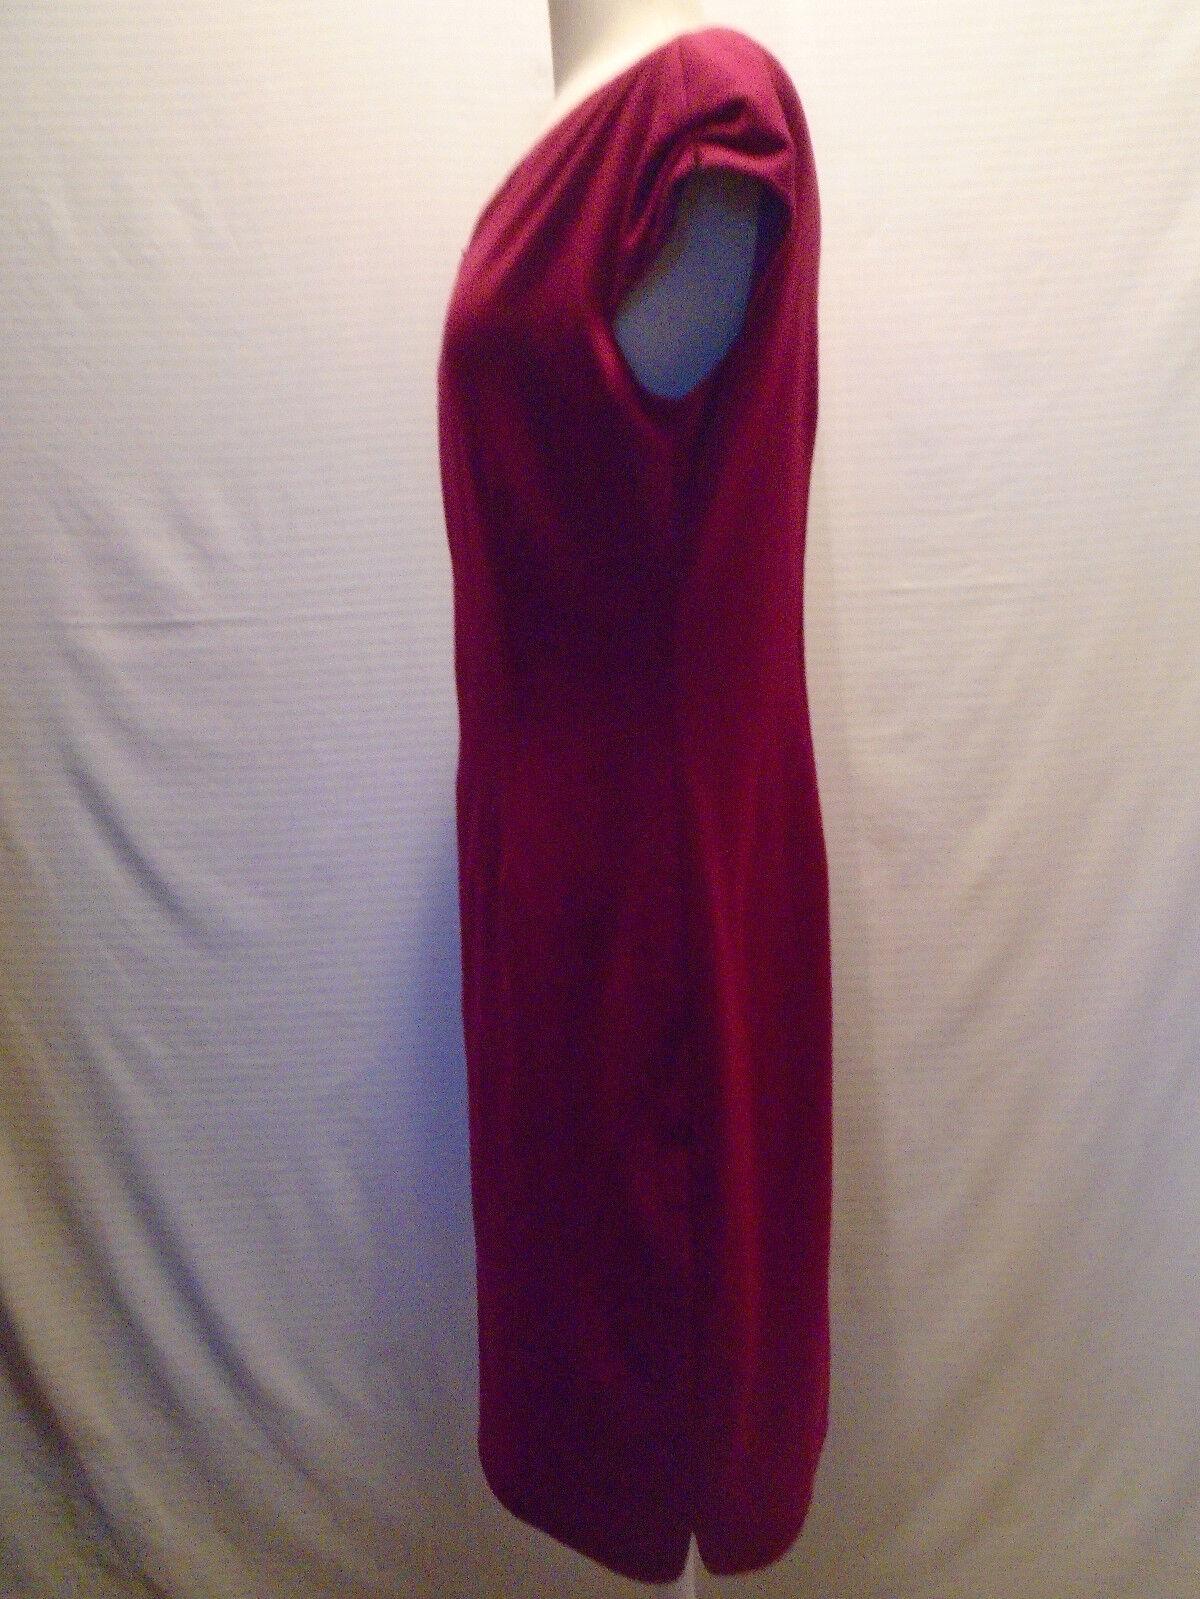 Tahari Woman's Woman's Woman's Purple  Dress Size 10 719c10